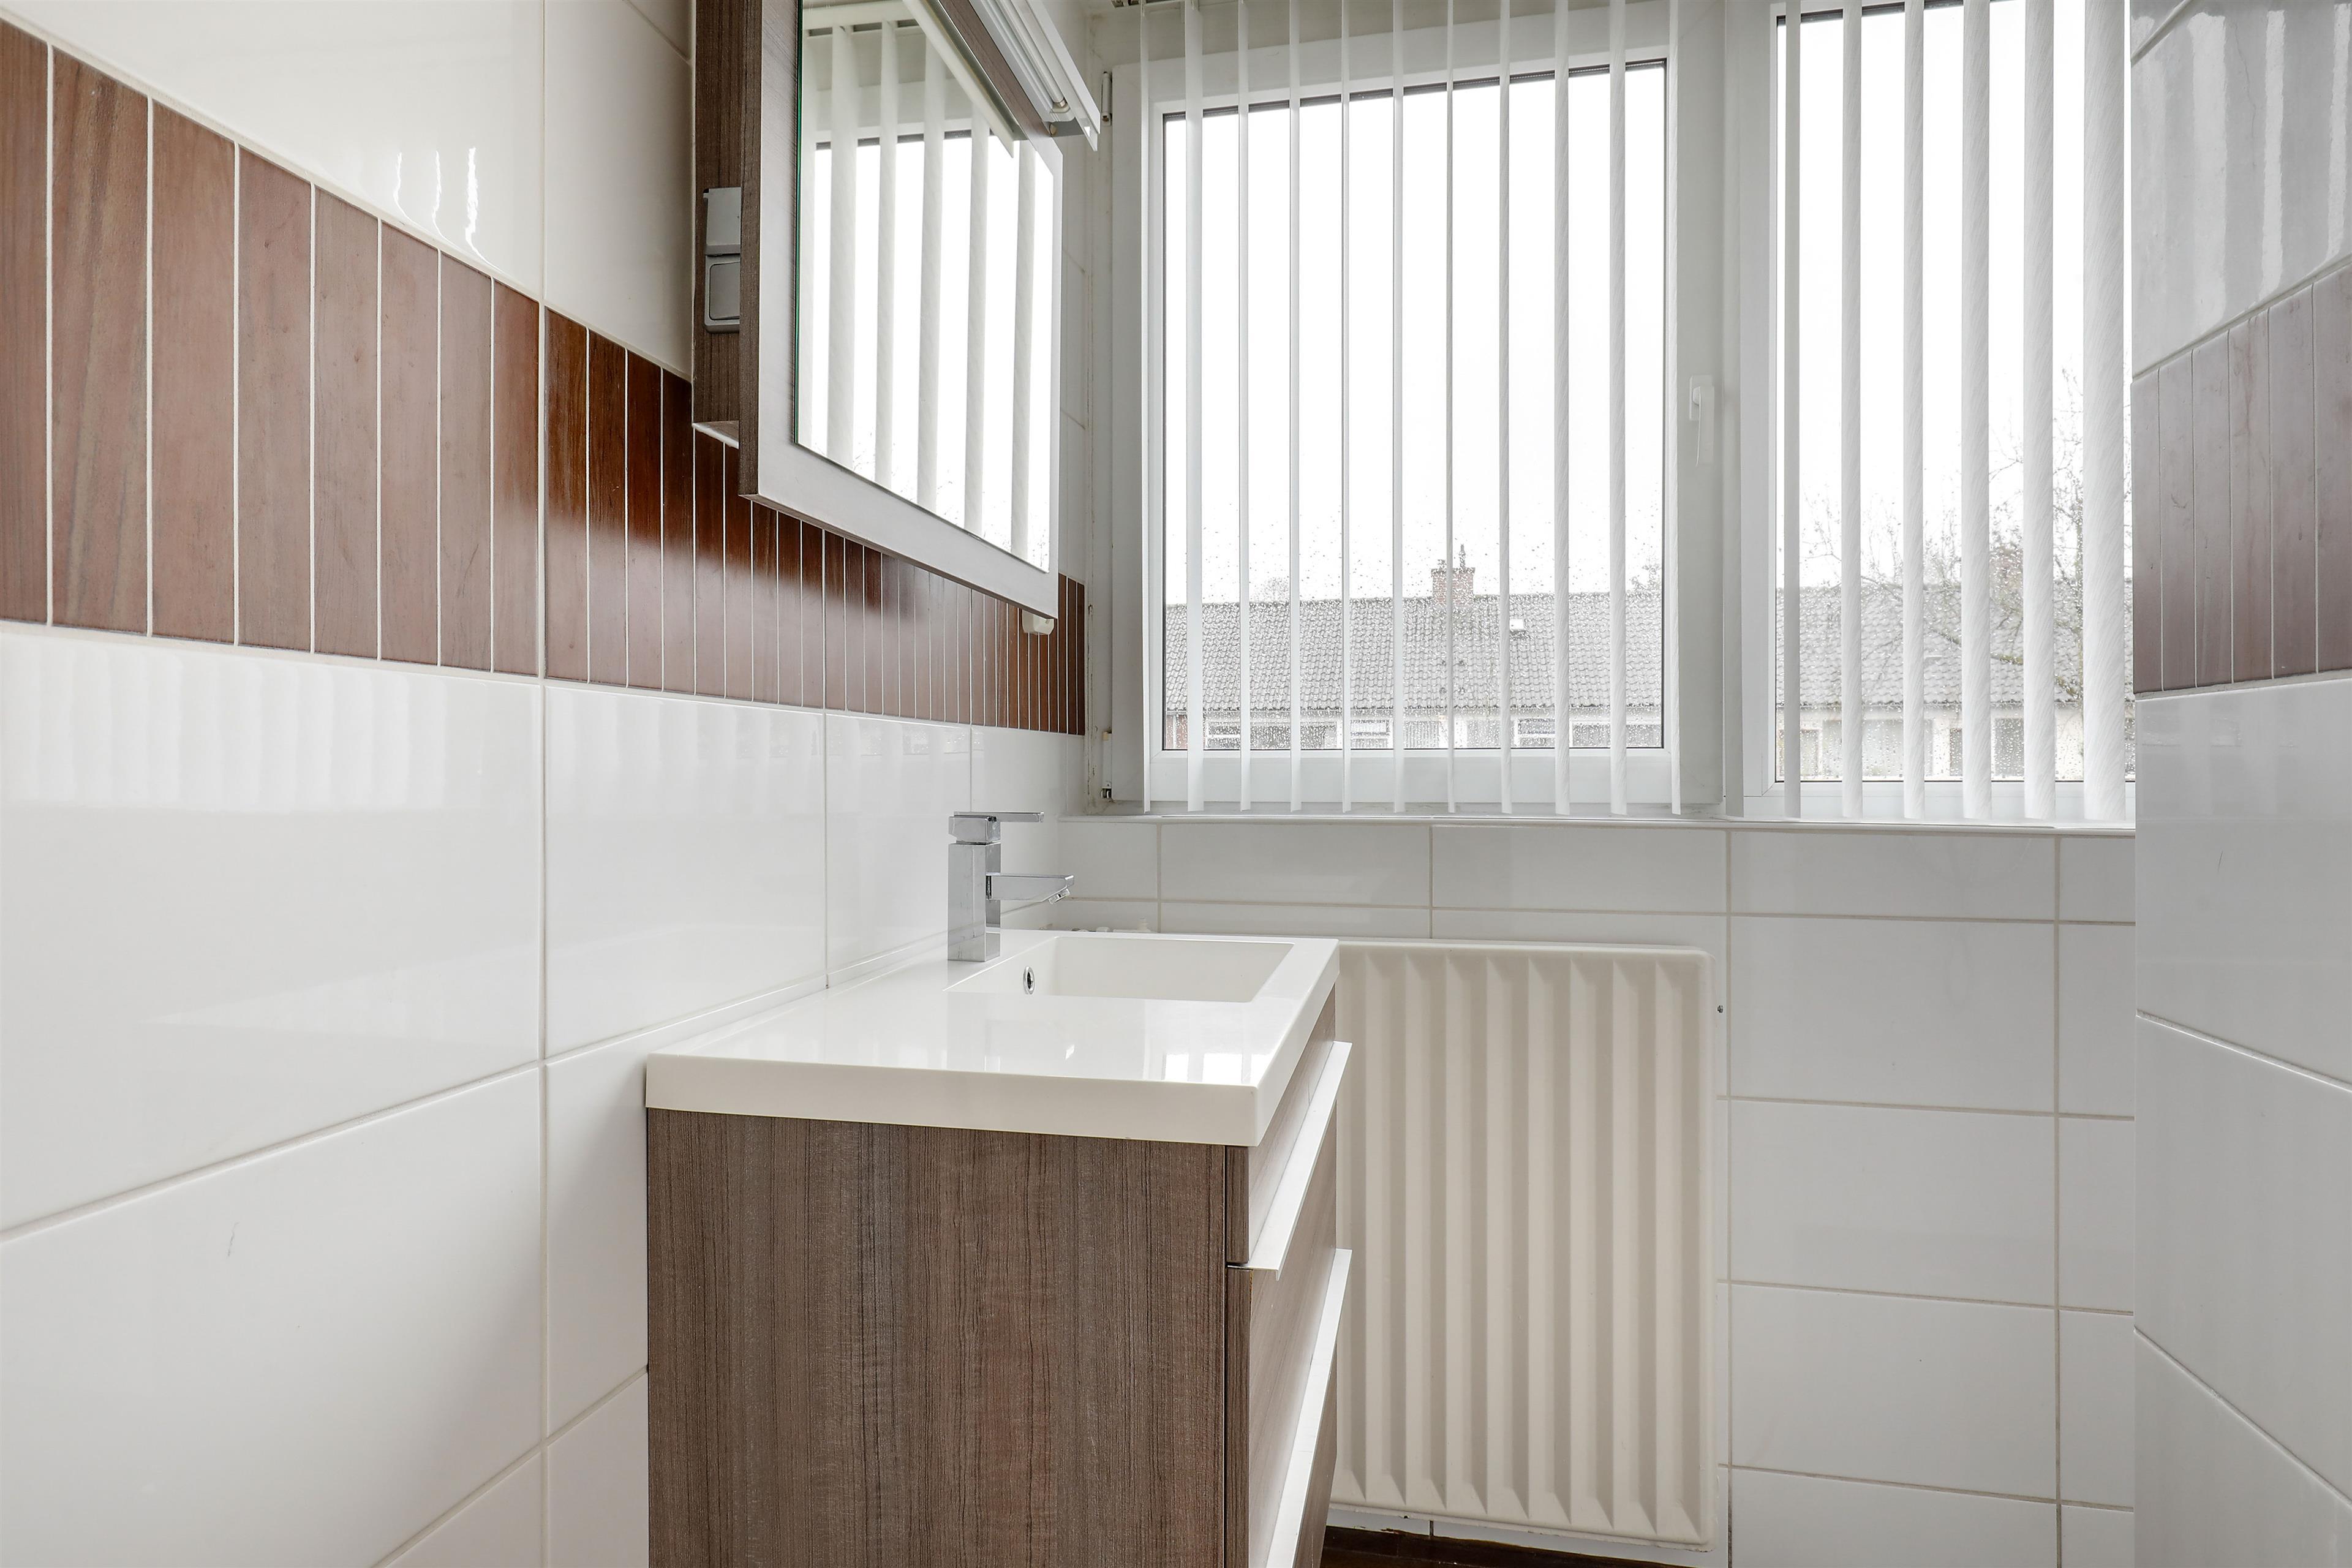 Design Badkamer Nijmegen : Te koop: etudestraat 46 nijmegen hendriks makelaardij